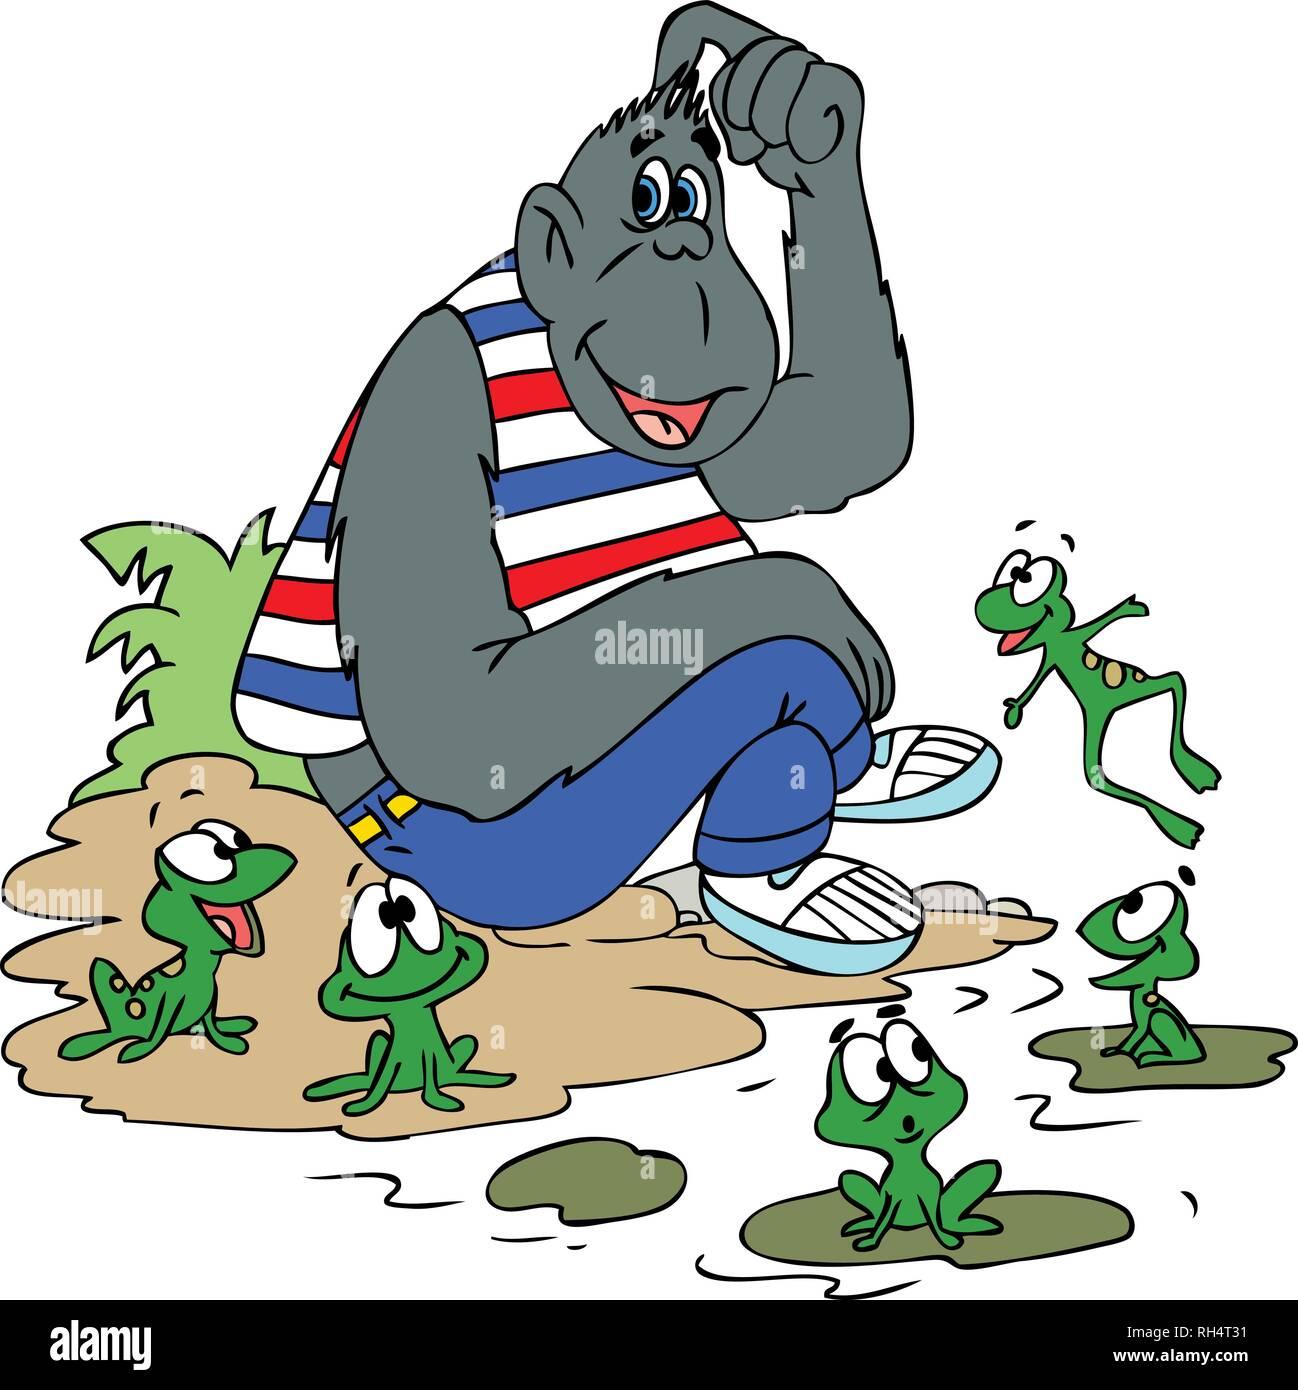 Illustrazione vettoriale di un cartoon gorilla seduto con i suoi amici di rana Immagini Stock